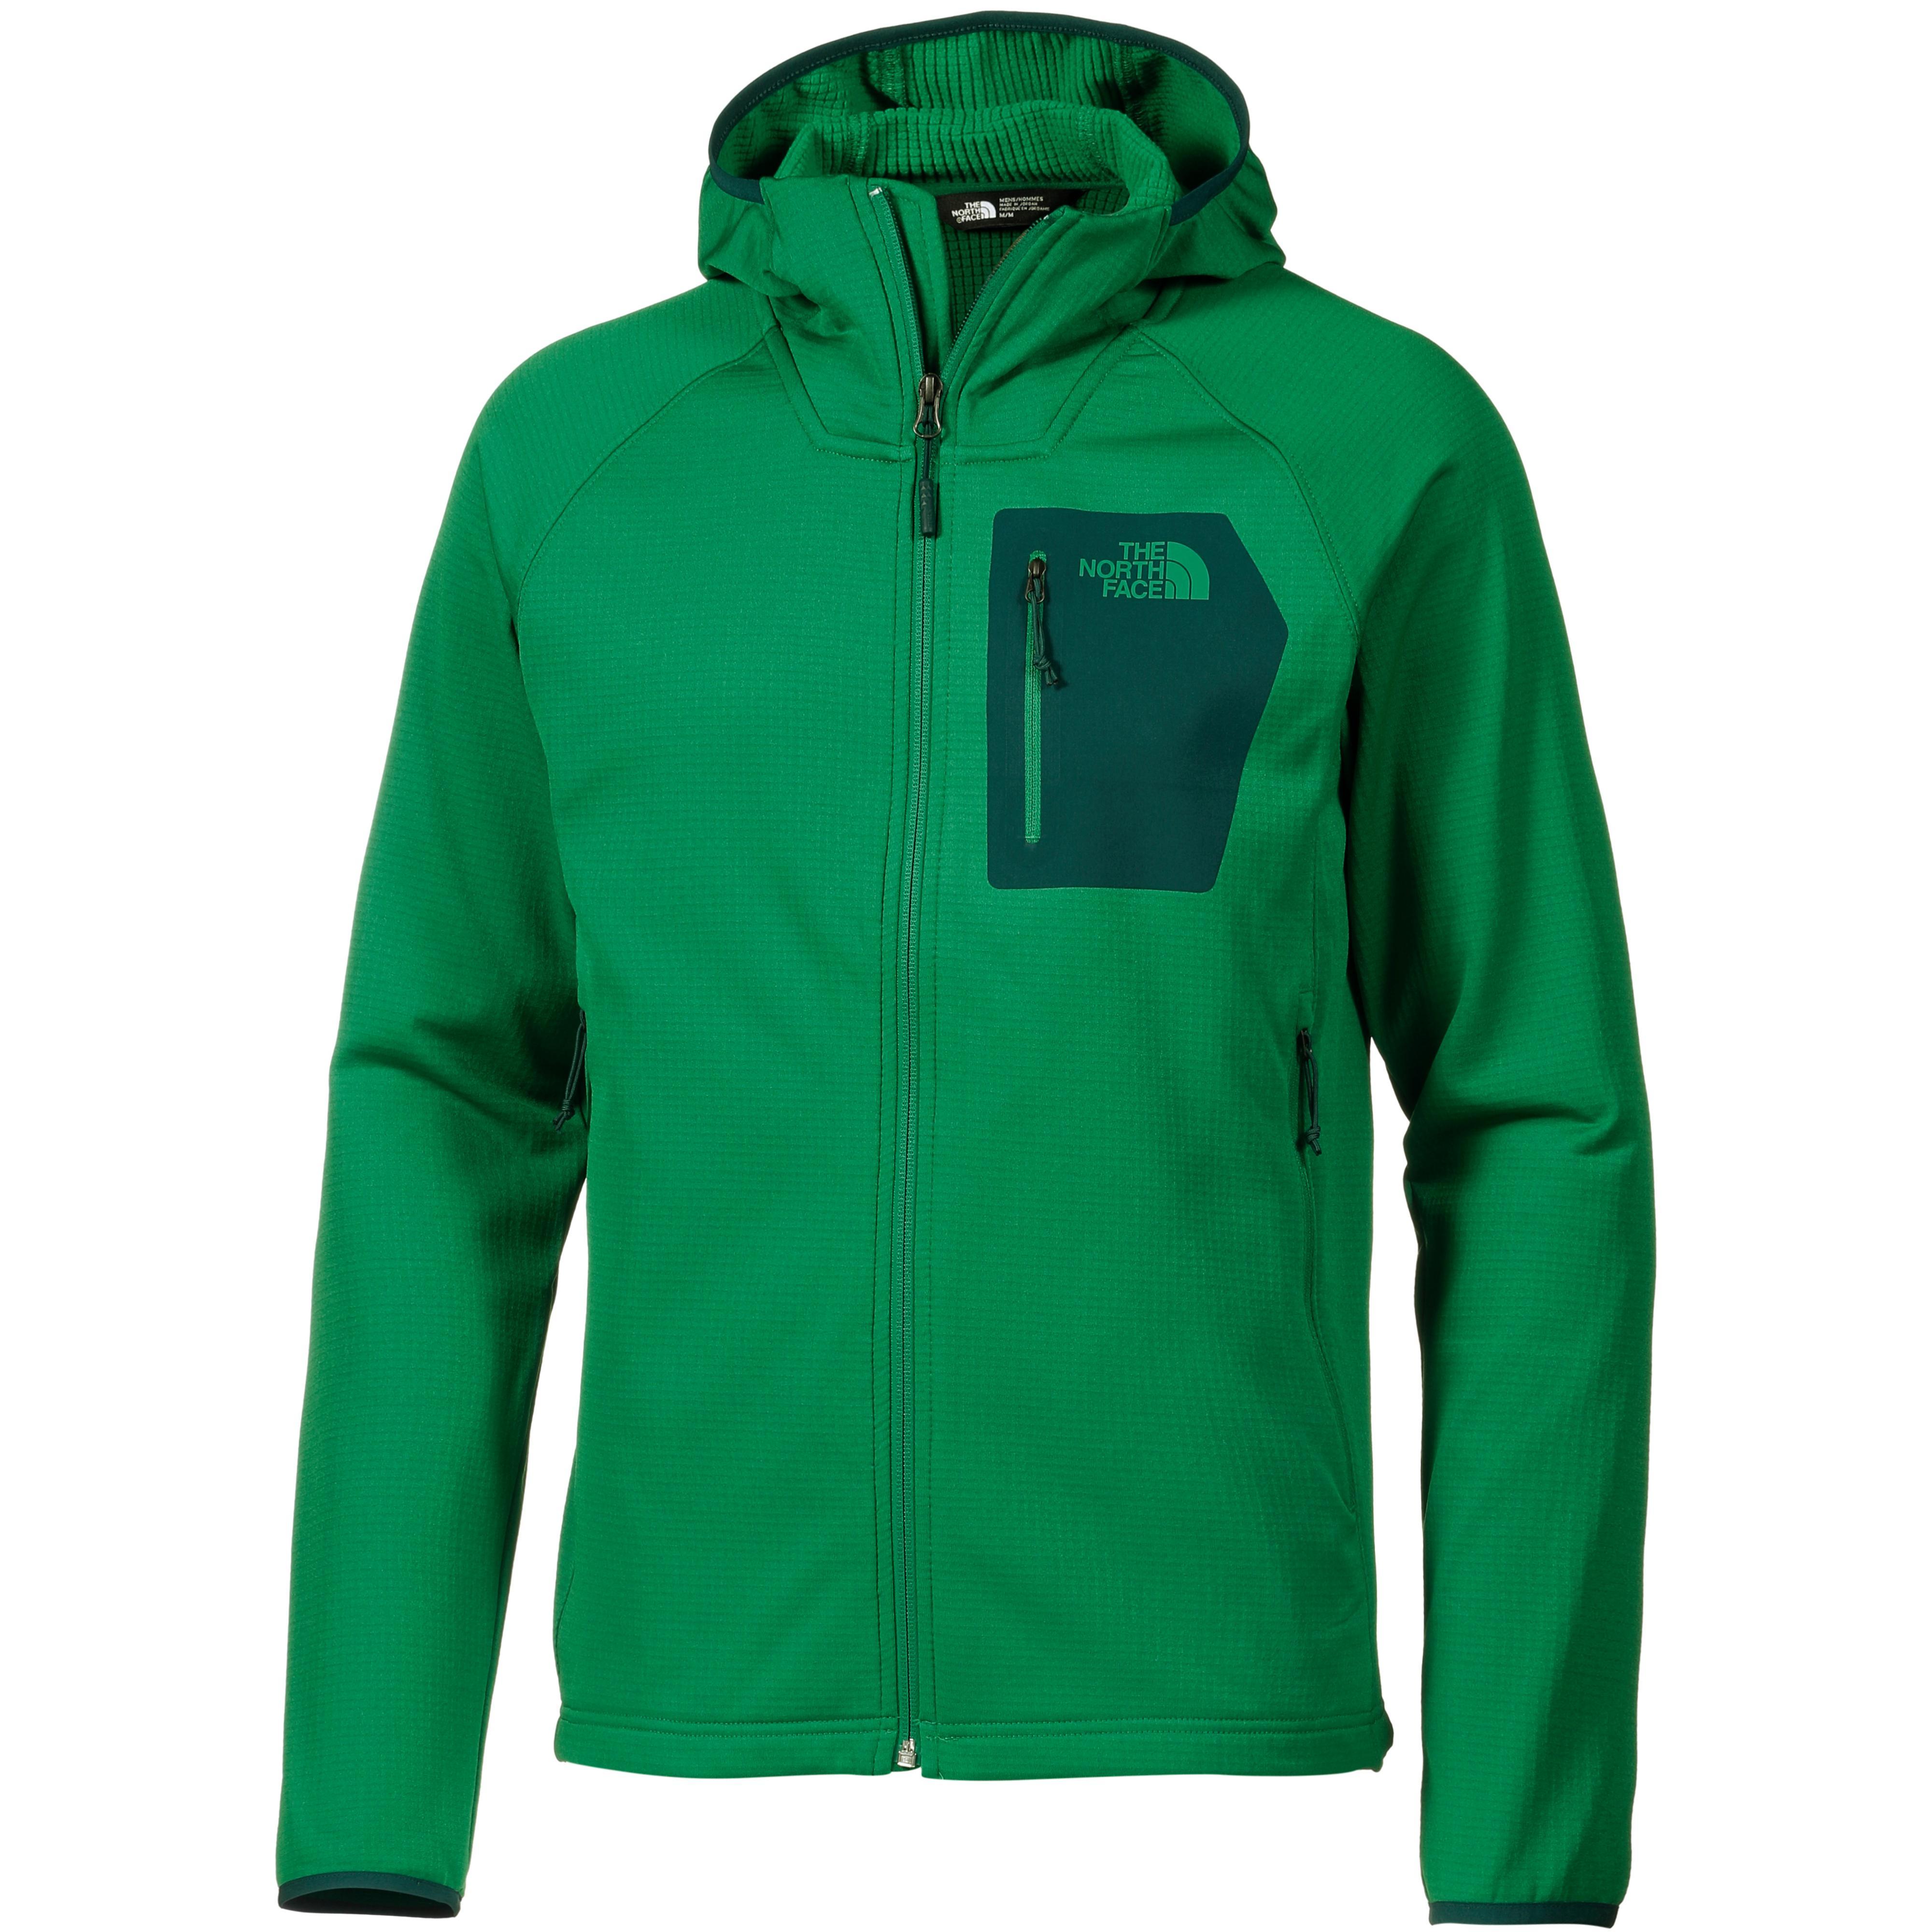 promo code b7c99 4a653 The North Face BOROD Jacke Herren PRIMARYGRN/BOTNCLGARDNGRN im Online Shop  von SportScheck kaufen